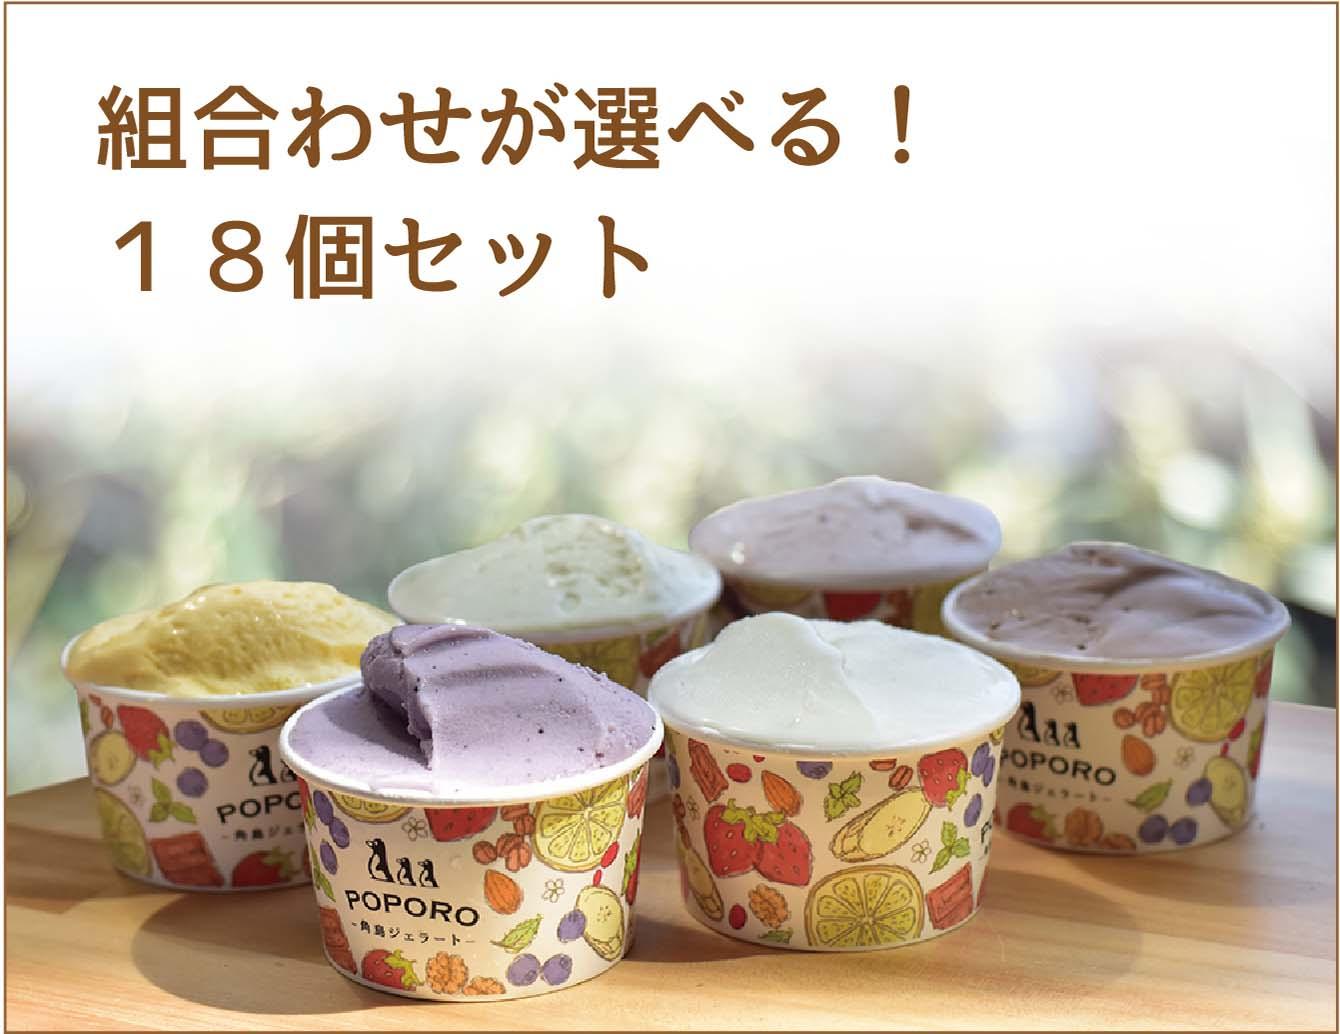 【10月】選べる!ジェラートセット(18個入)画像